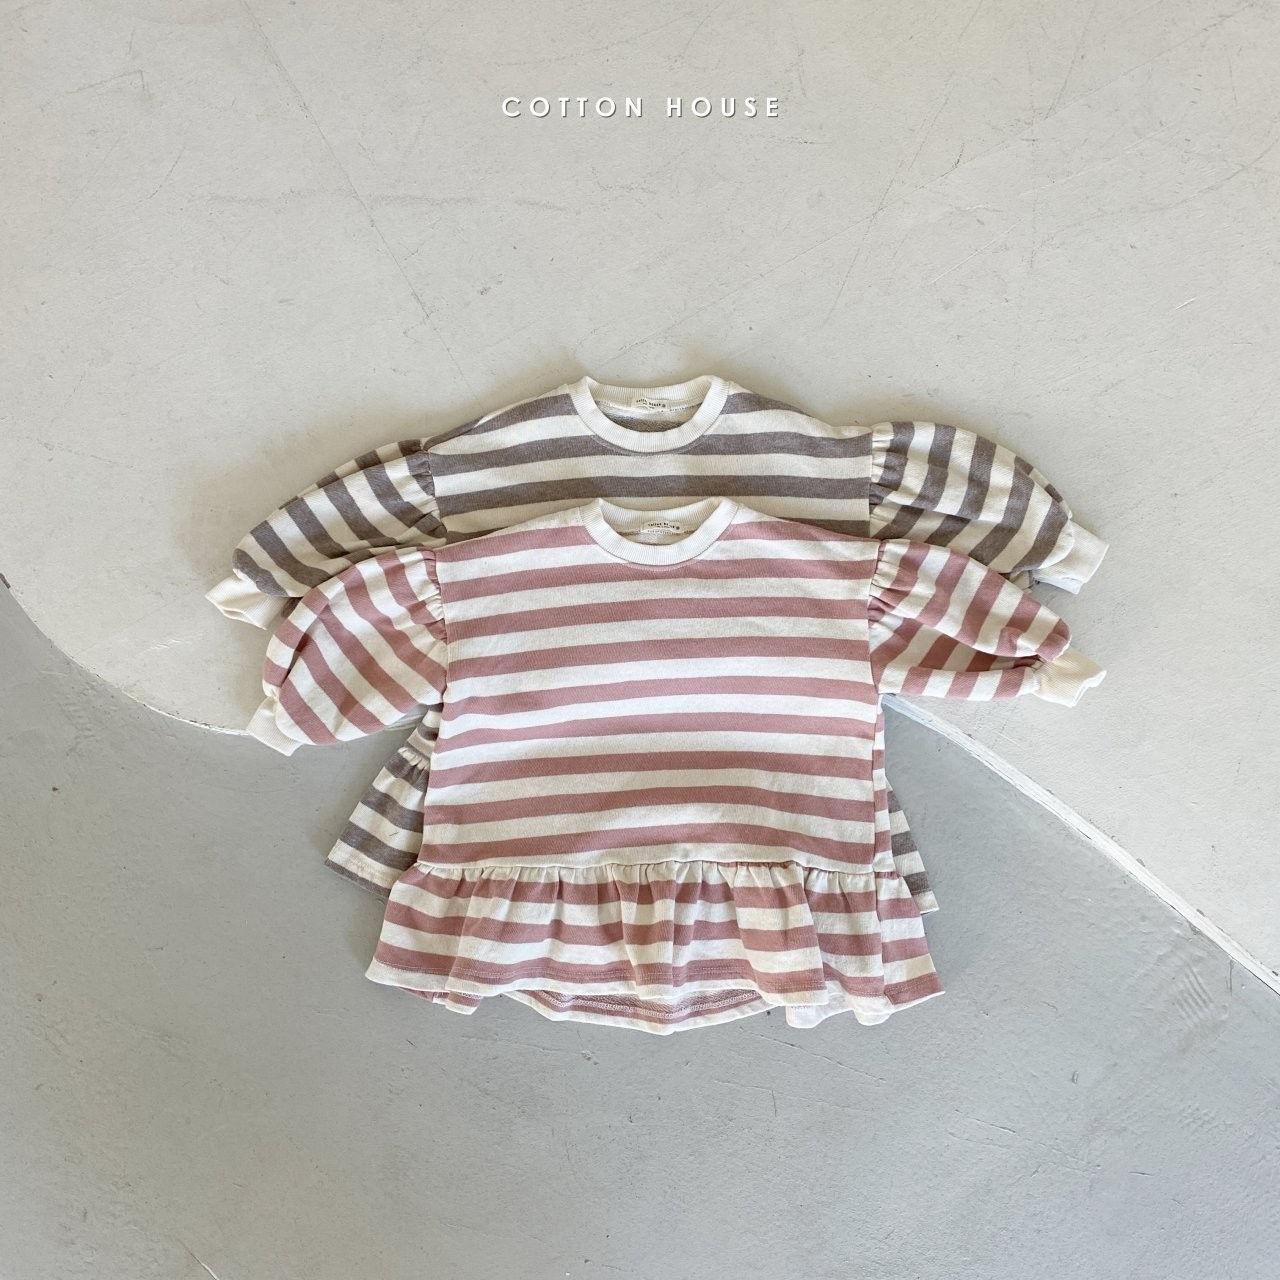 COTTON HOUSE - BRAND - Korean Children Fashion - #Kfashion4kids - Shine Mini One-piece